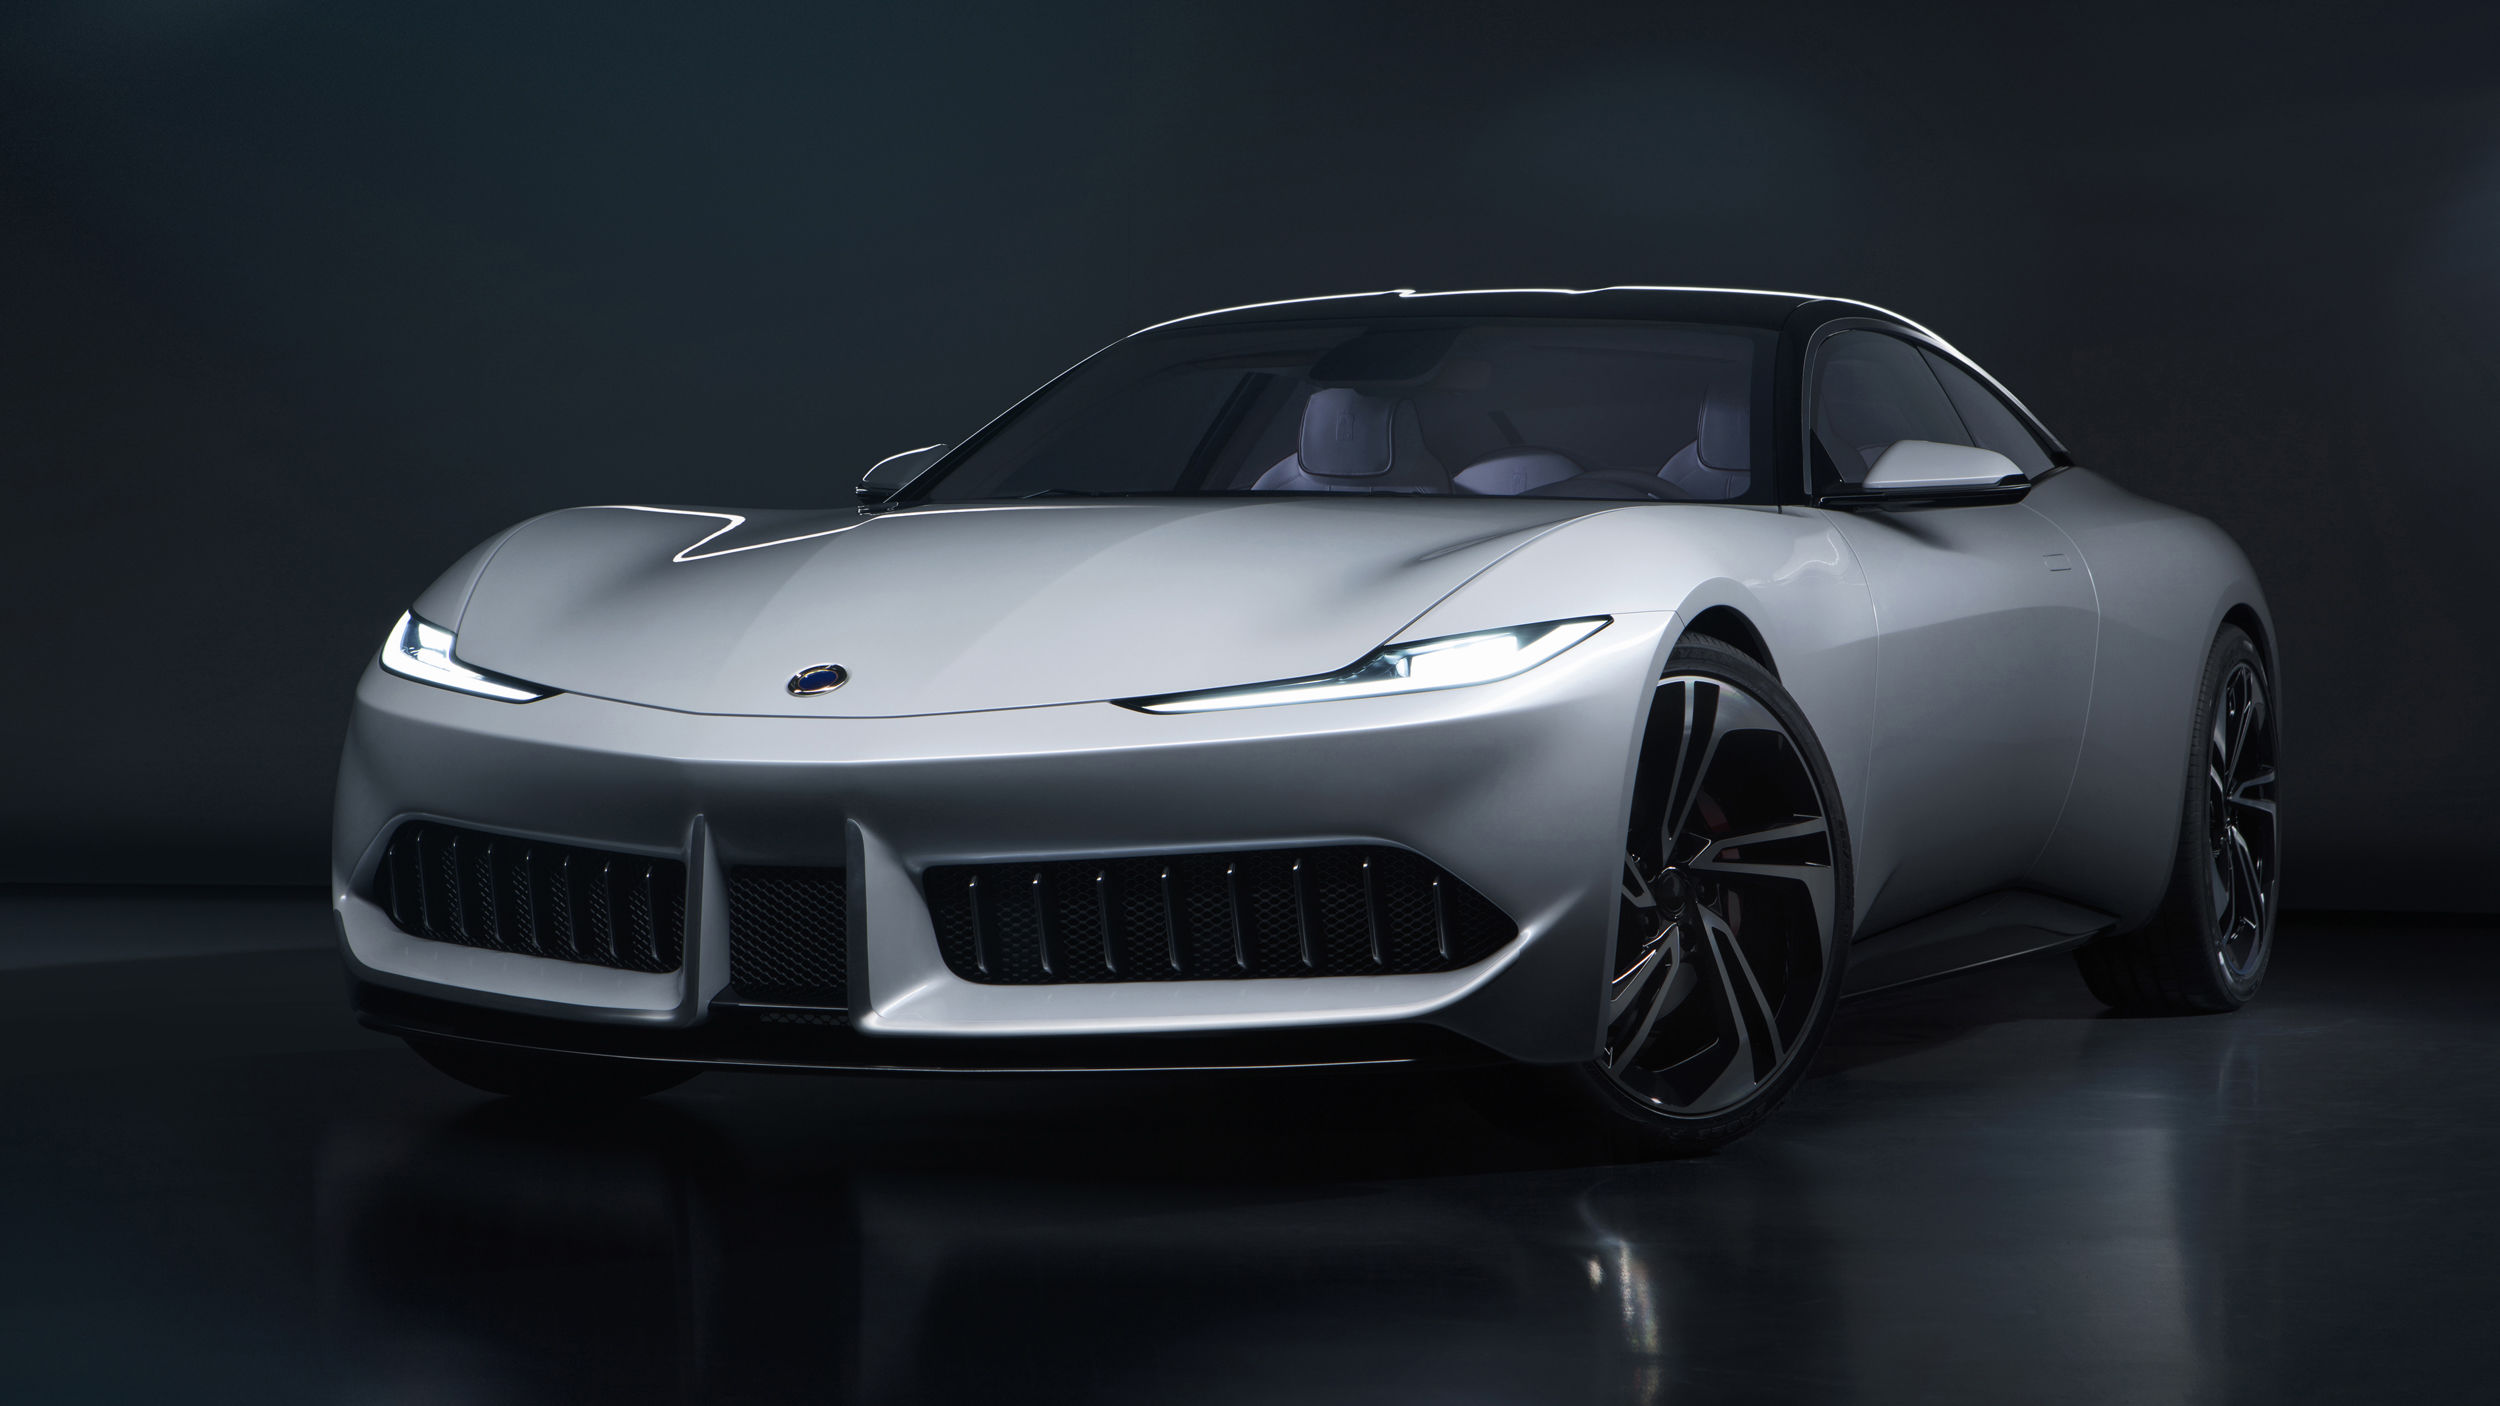 2020 Fate Pininfarina GT|Shanghai Electric Motor Program